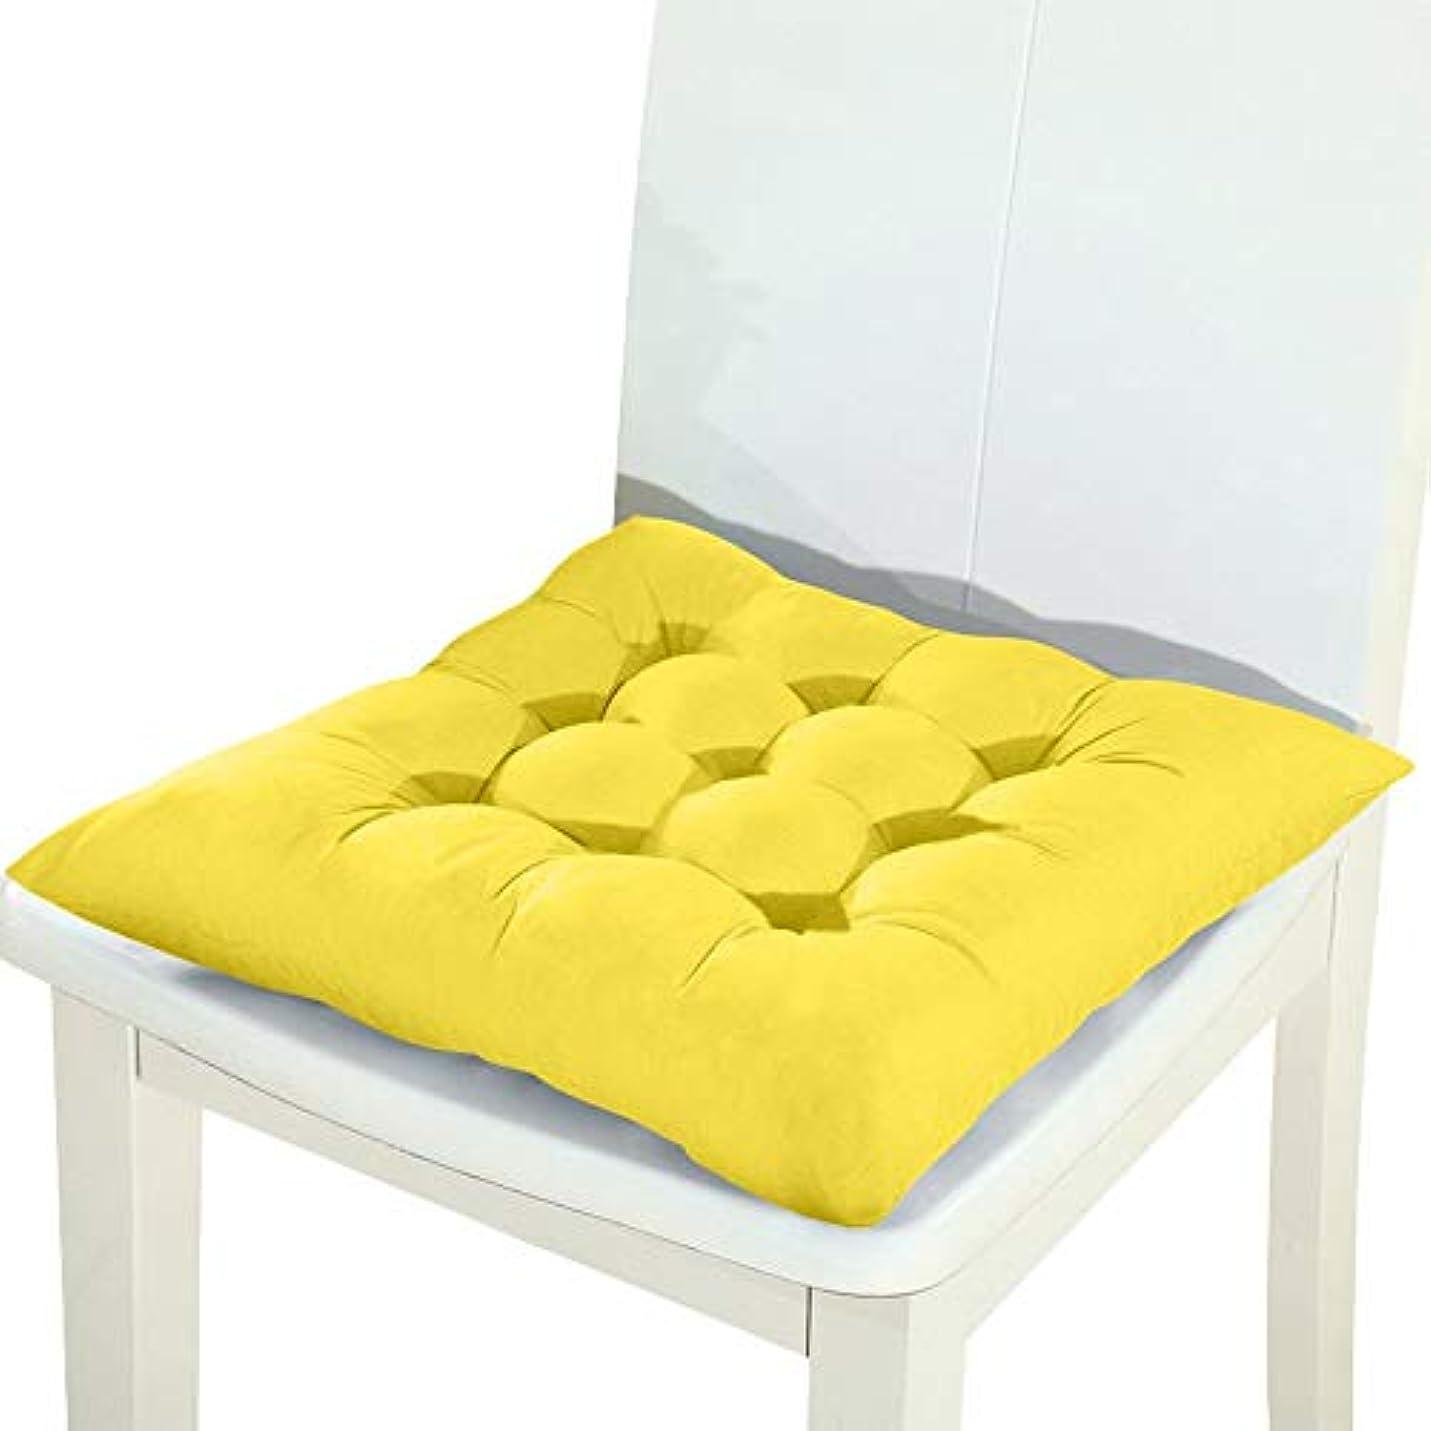 人口センサー摘むLIFE 1/2/4 個冬オフィスバー椅子バックシートクッションシートクッションパッドソファ枕臀部椅子クッション 37 × 37 センチメートル クッション 椅子